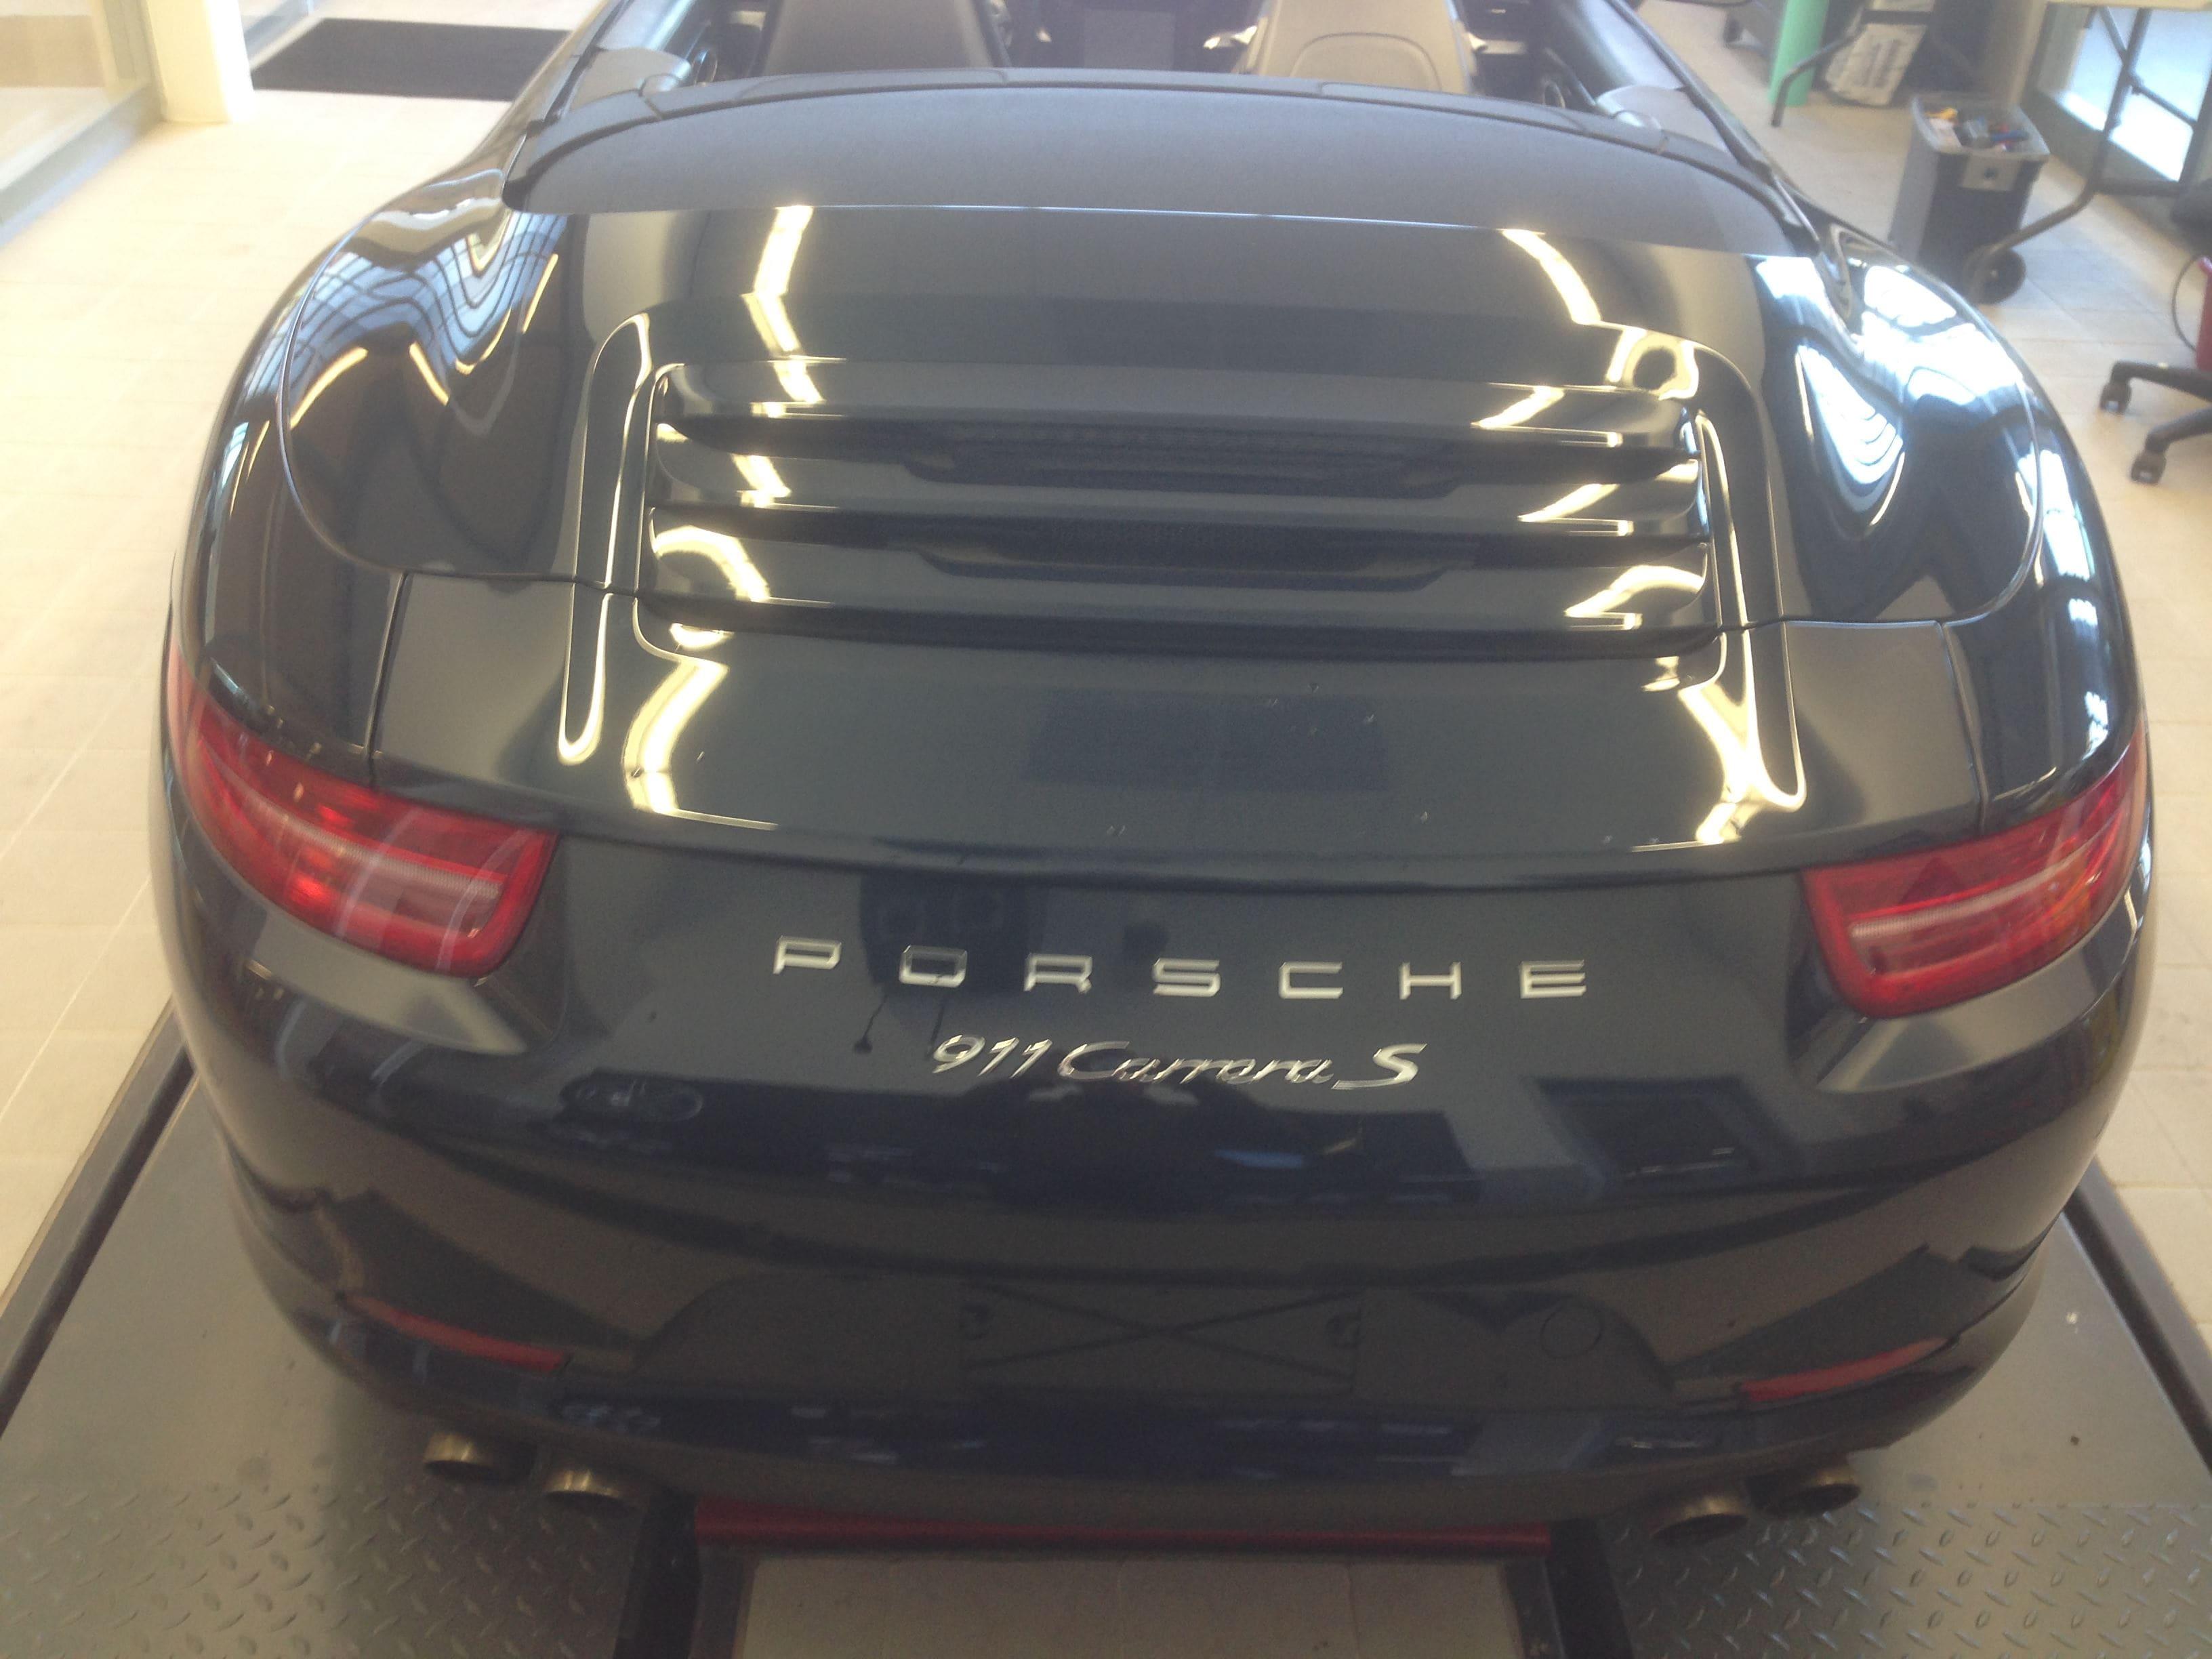 Porsche Carrera Turbo S Cabrio met Mint Green Wrap, Carwrapping door Wrapmyride.nu Foto-nr:6729, ©2021